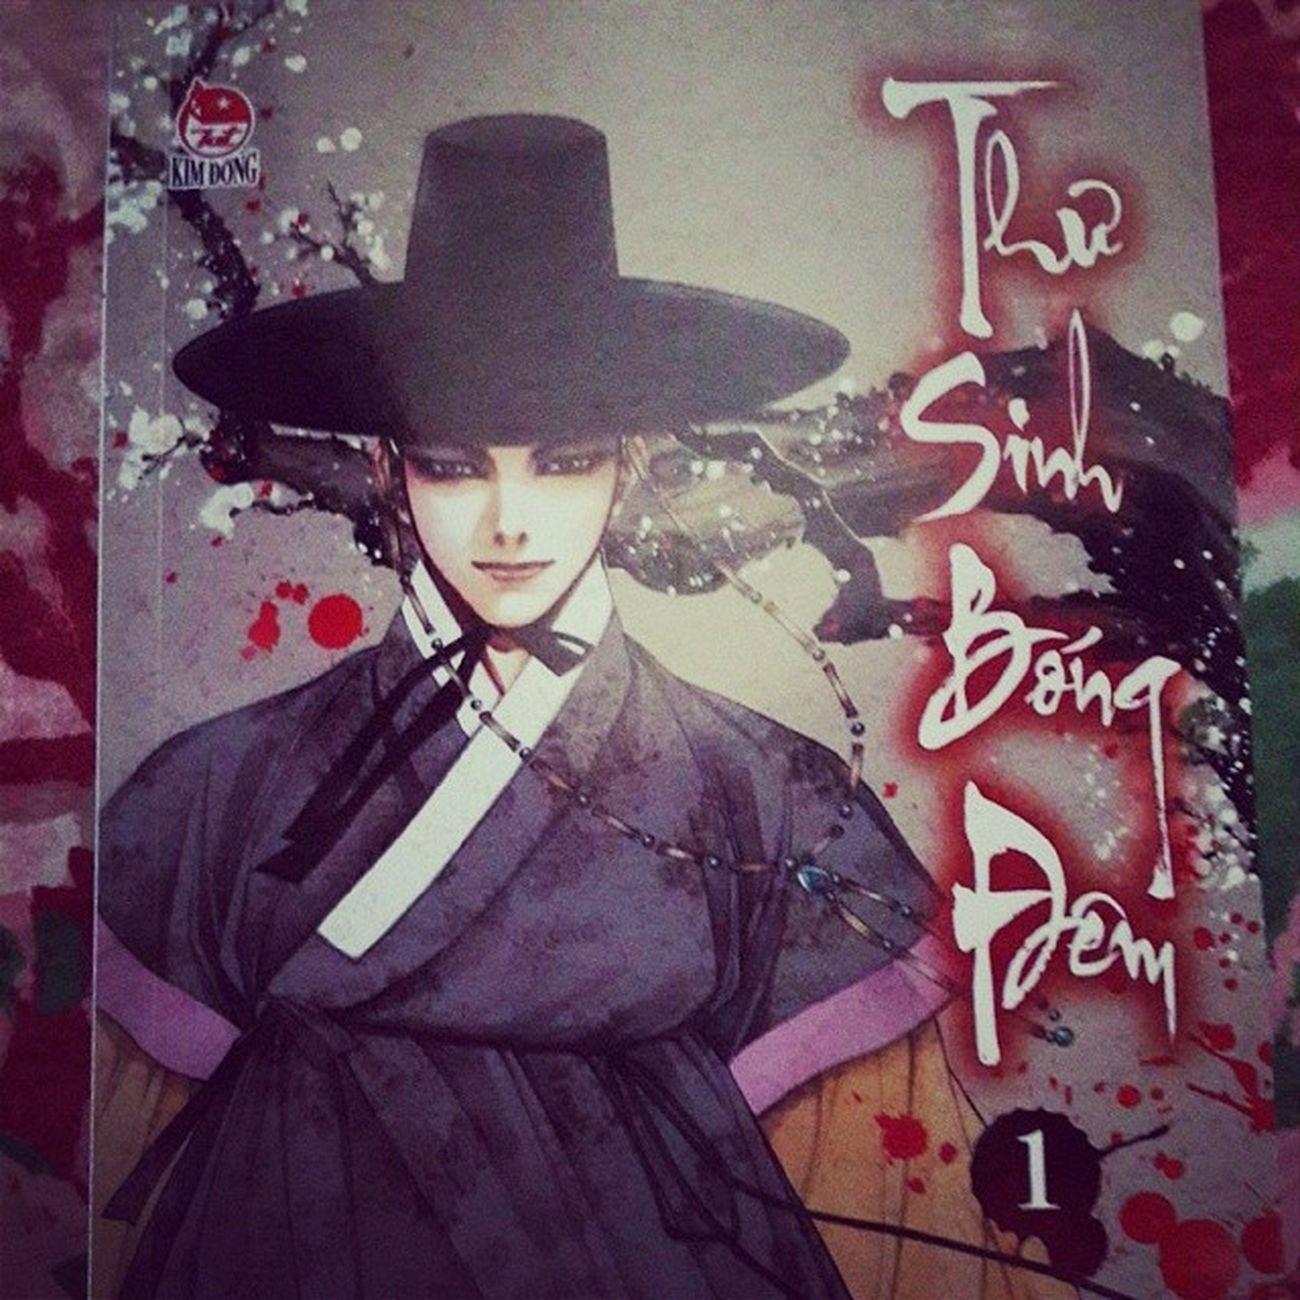 Đọc hay gì đâu á \m/ vẽ hình cũng đẹp nữa :3 Manga Vampireoftheeast Nxbkimdong